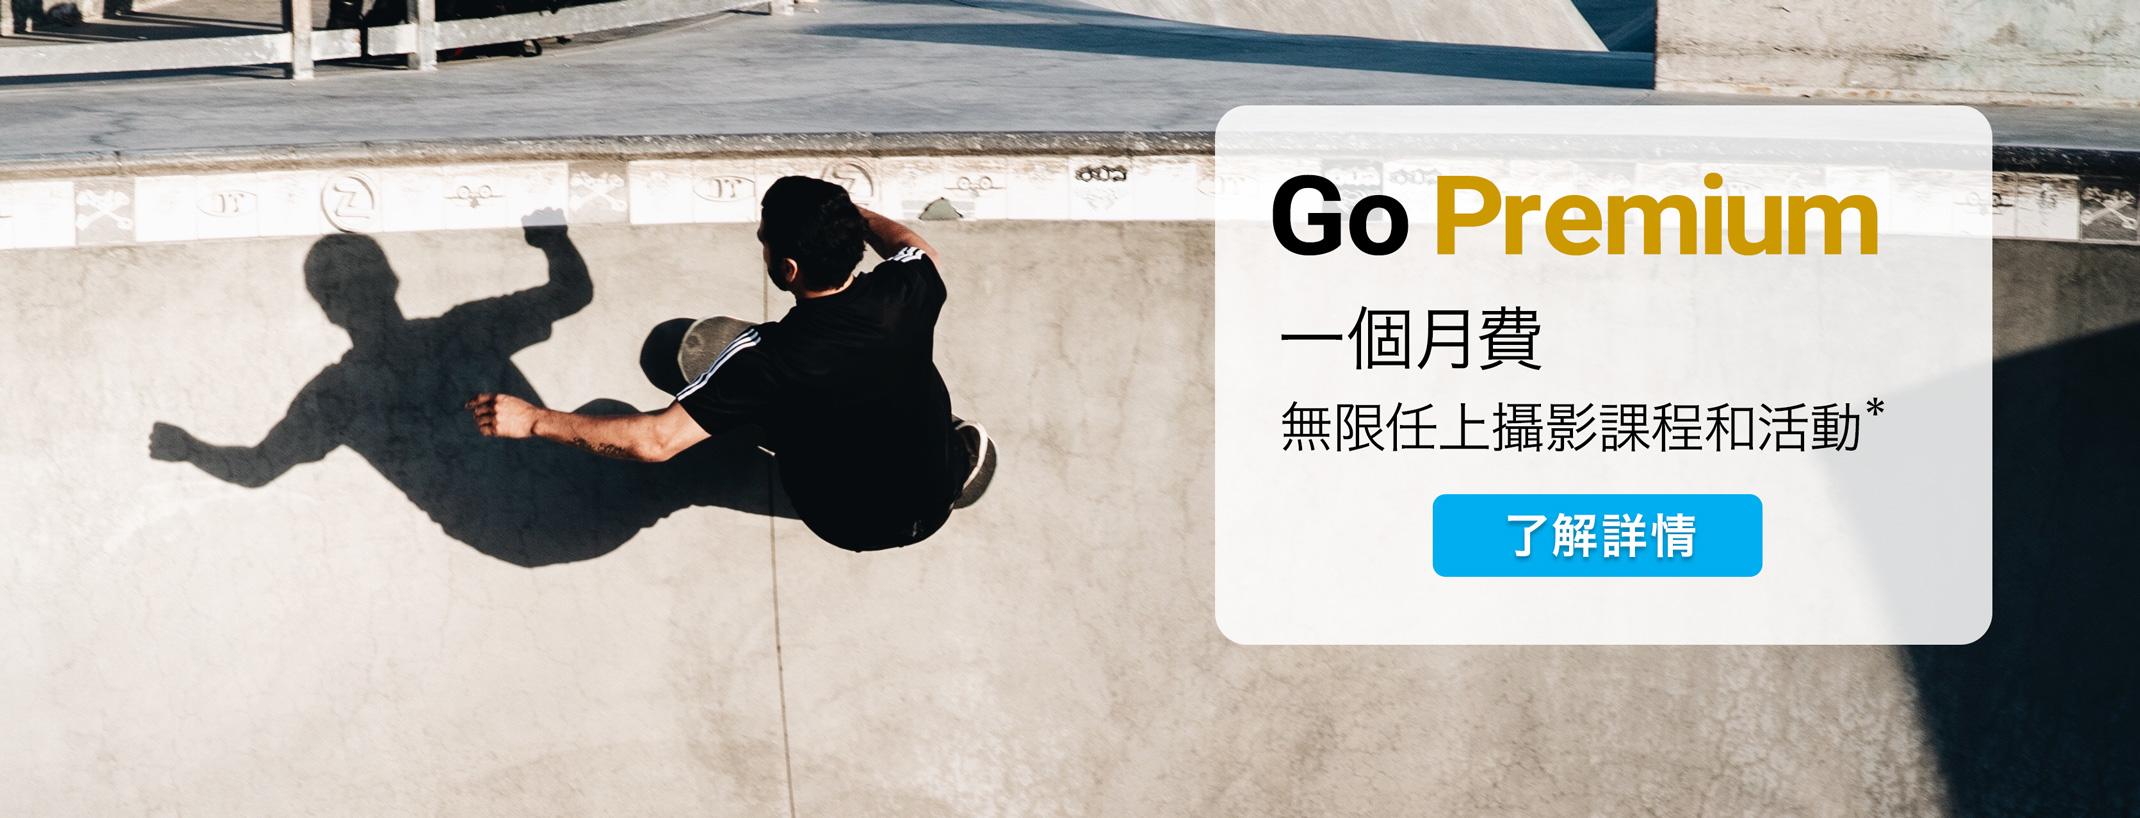 參加 Fotobeginner Premium Membership